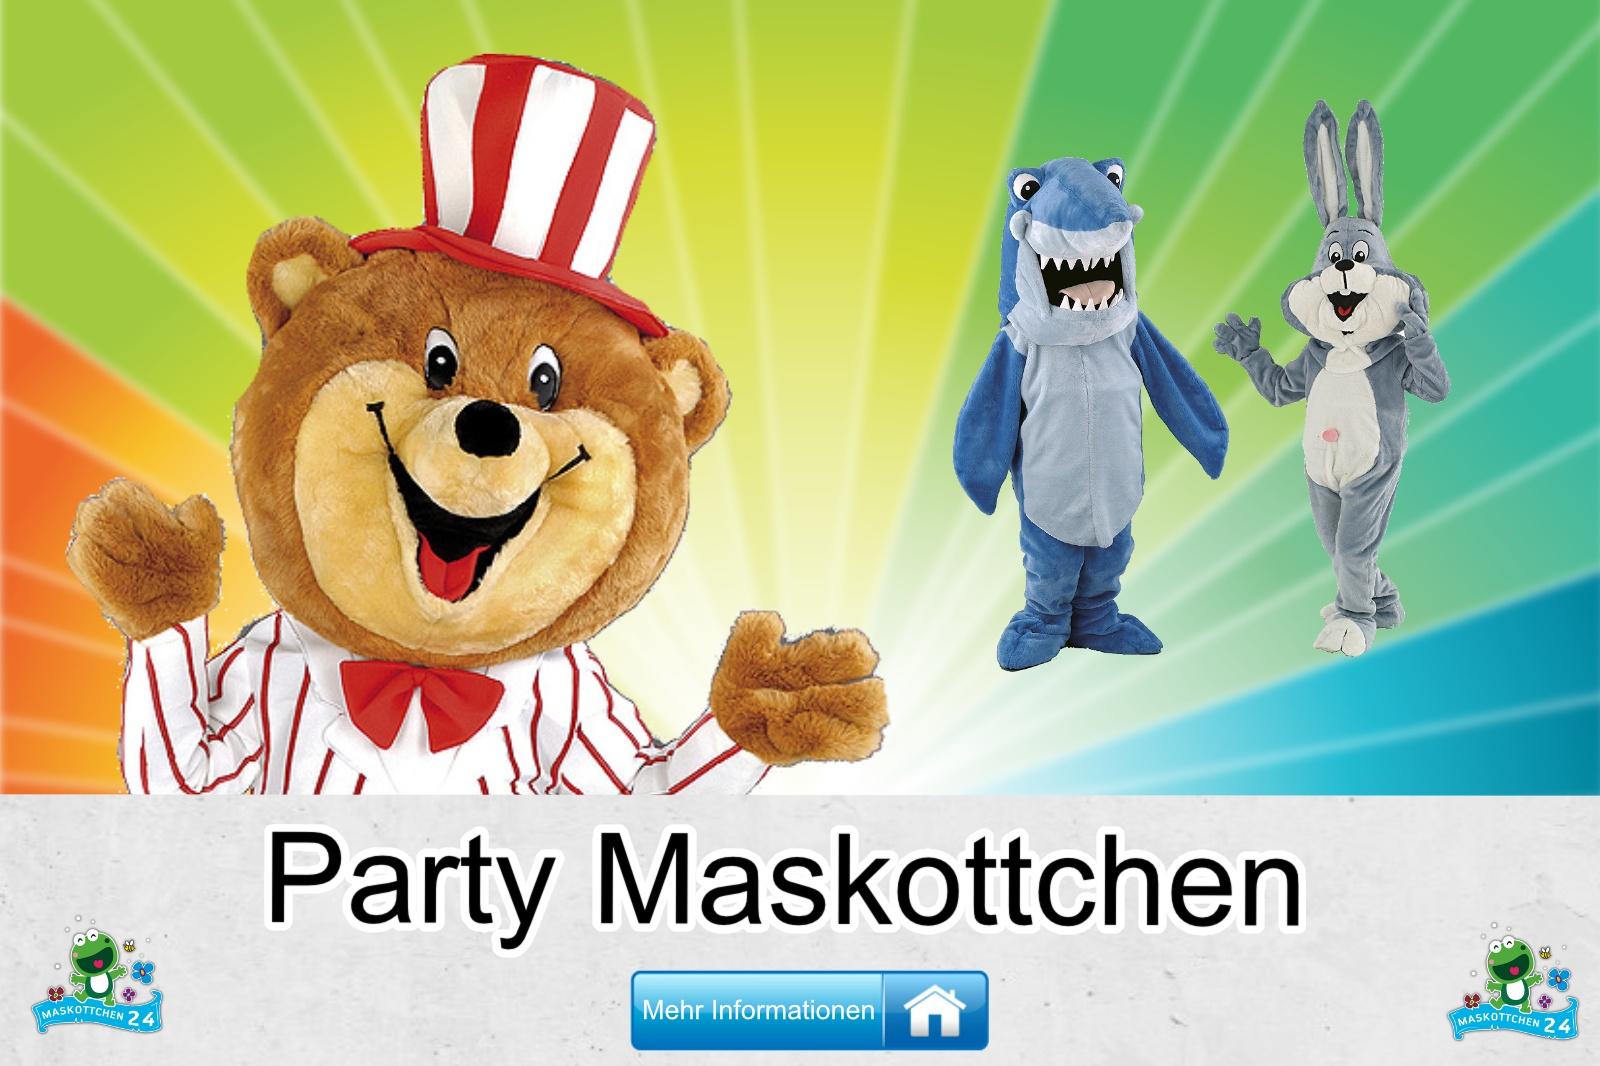 Party Maskottchen Kostüm kaufen